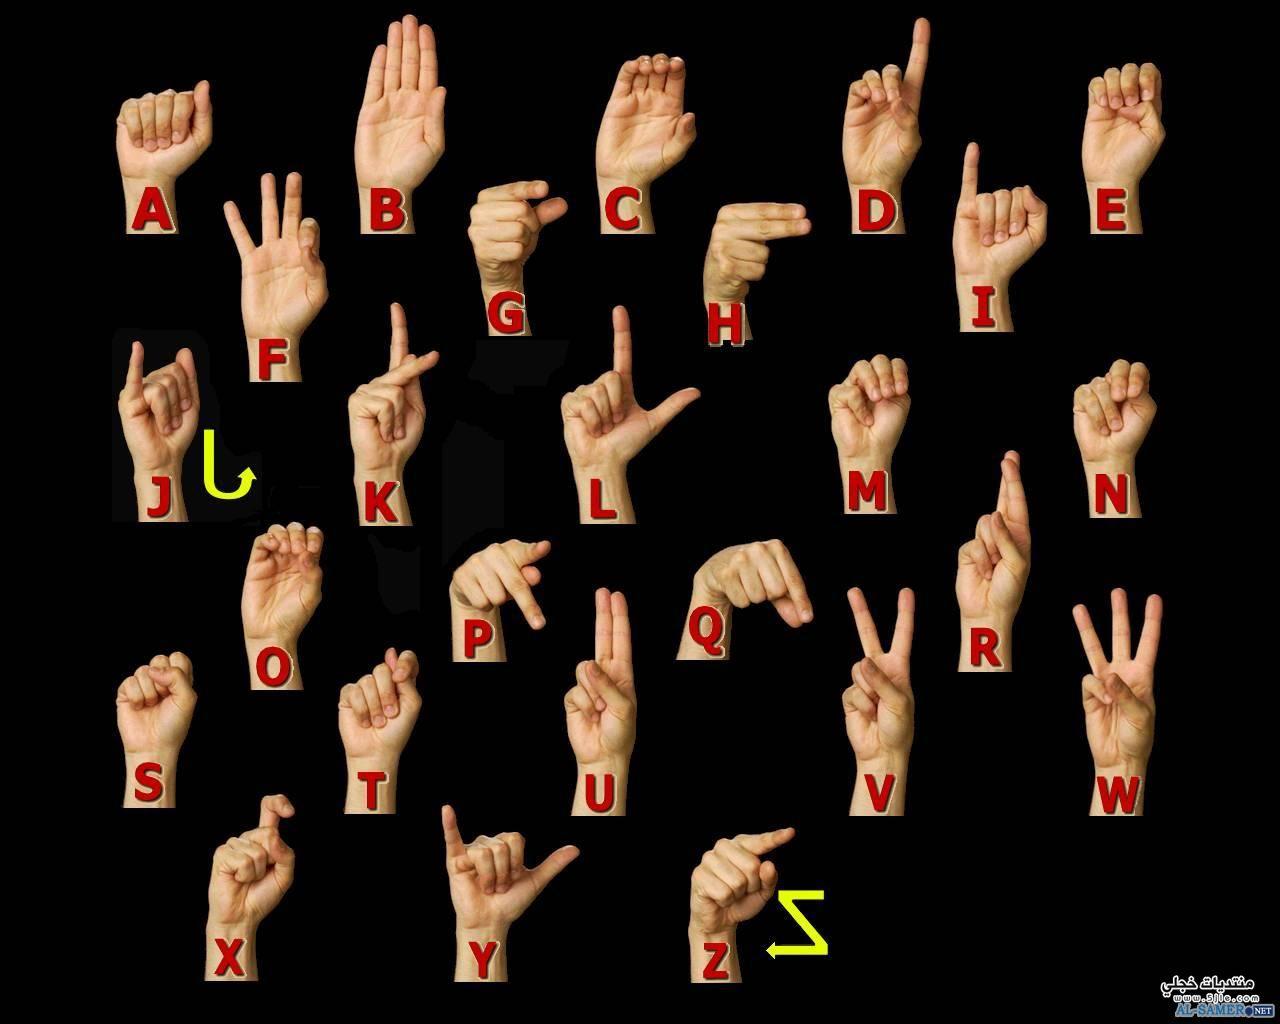 الحروف بلغة الاشارة الحروف الانجليزية